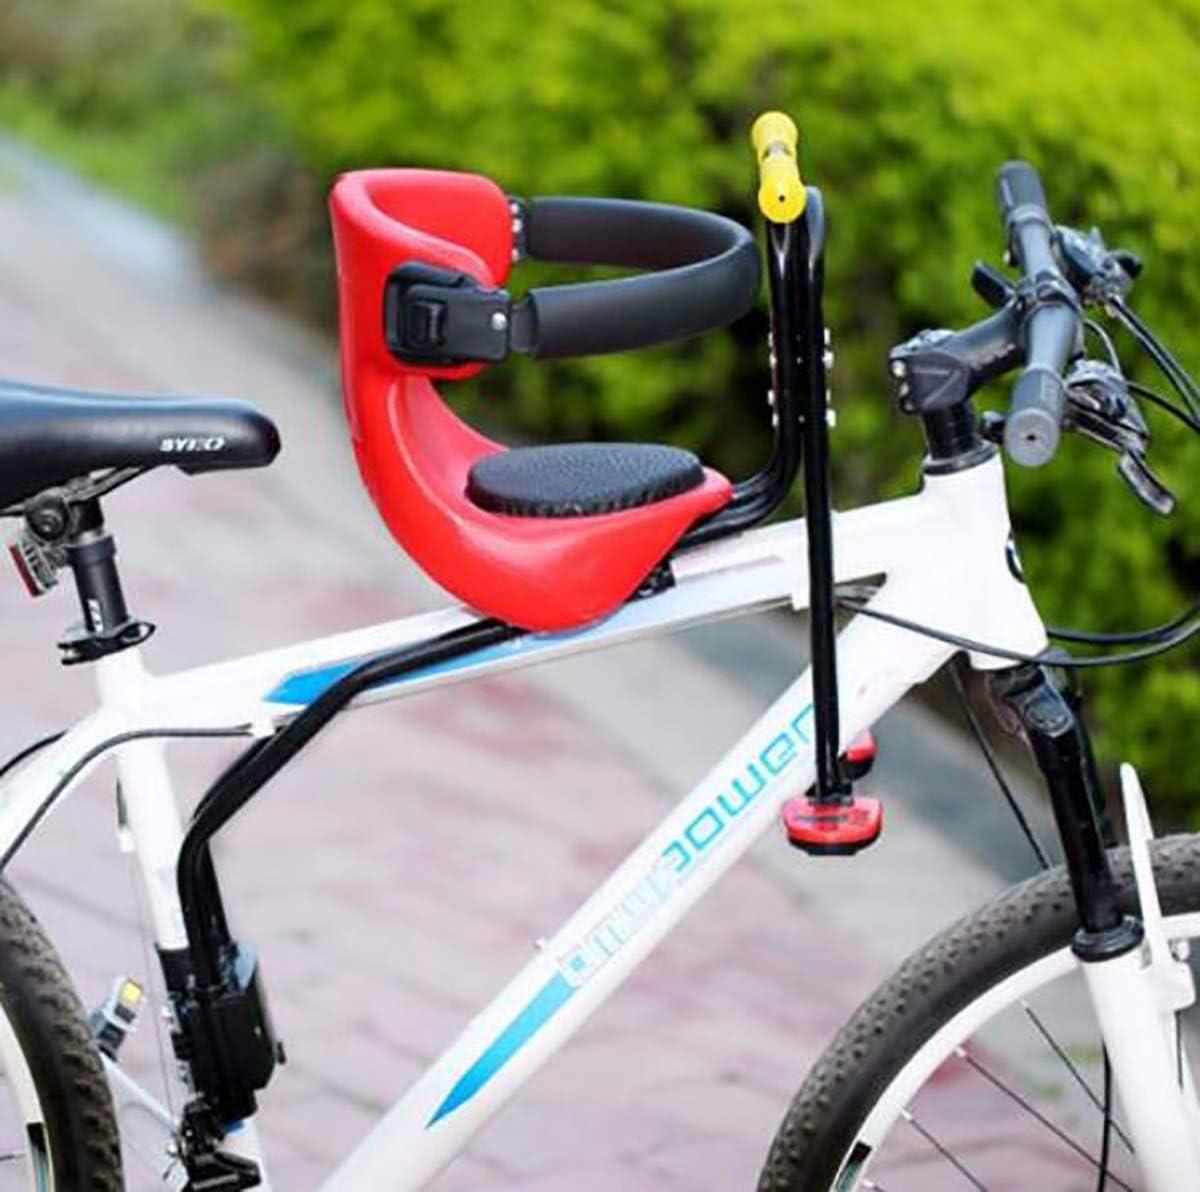 TQ Bicicleta de Carretera de montaña Asiento de Seguridad para niños Silla Delantera para Bicicletas para niños de 0 a 6 años,A: Amazon.es: Deportes y aire libre